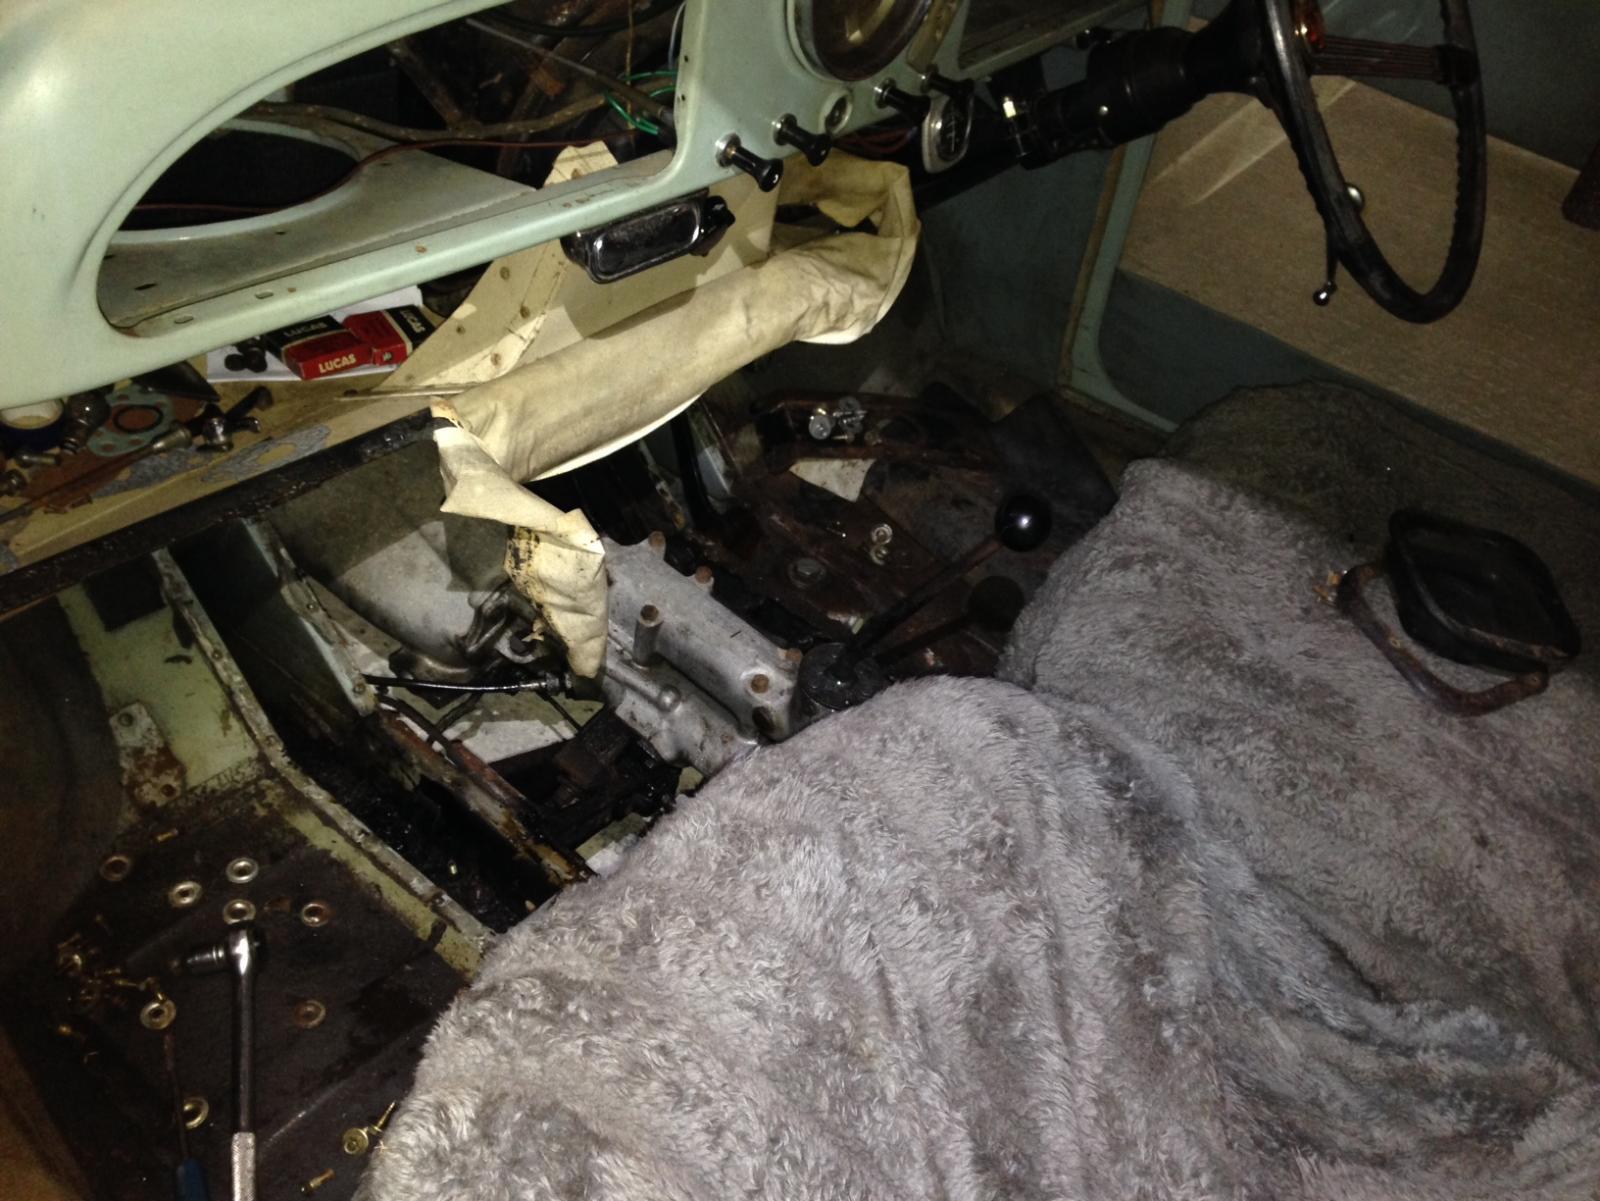 Project 1962 Morris Minor 1000 Page 4 Autoshite Daihatsu Yrv Turbo Wiring Diagram Img 3307